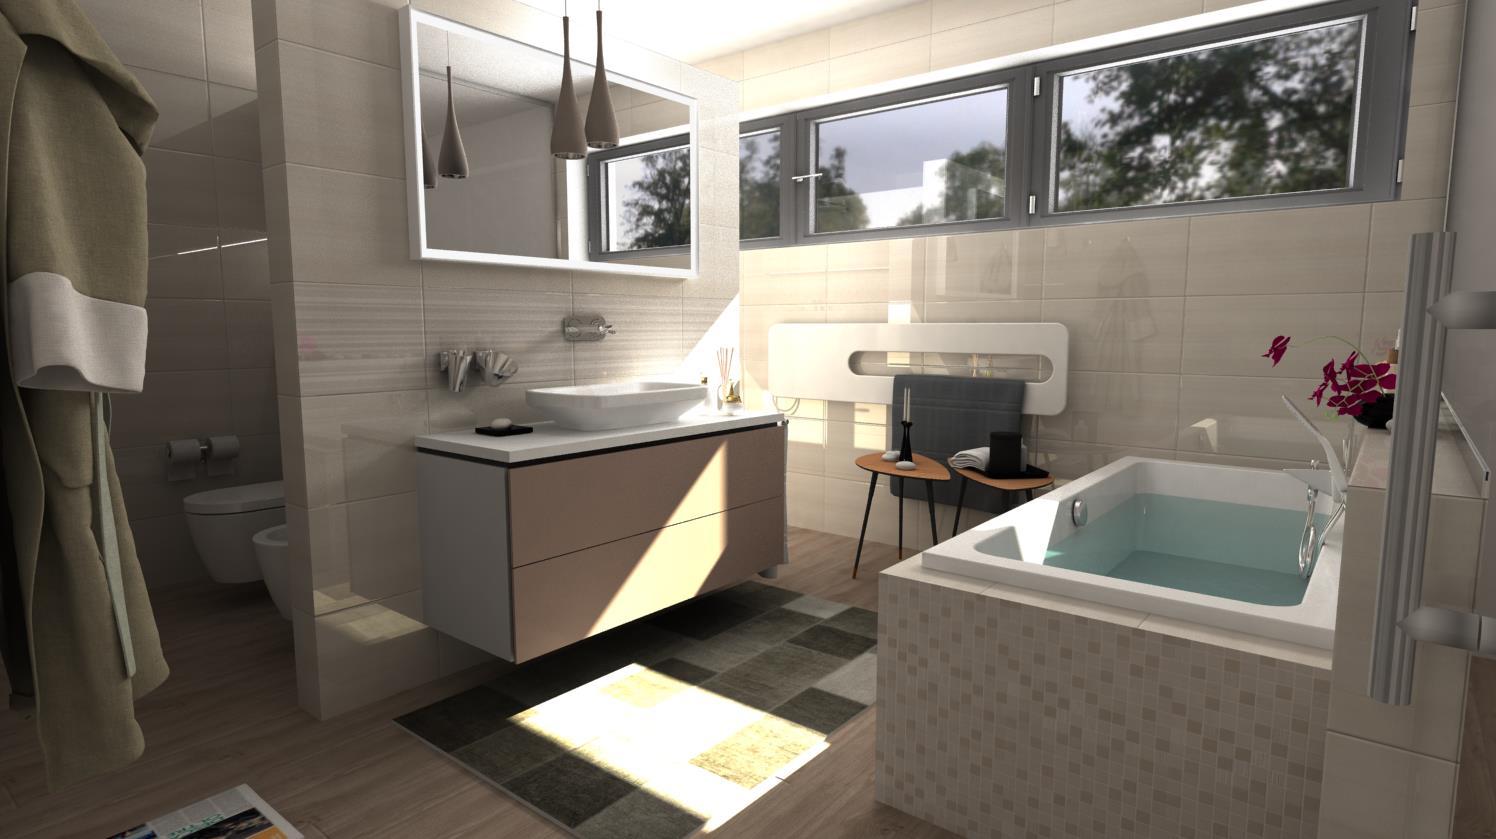 Vizualizácie kúpeľní - Obrázok č. 61